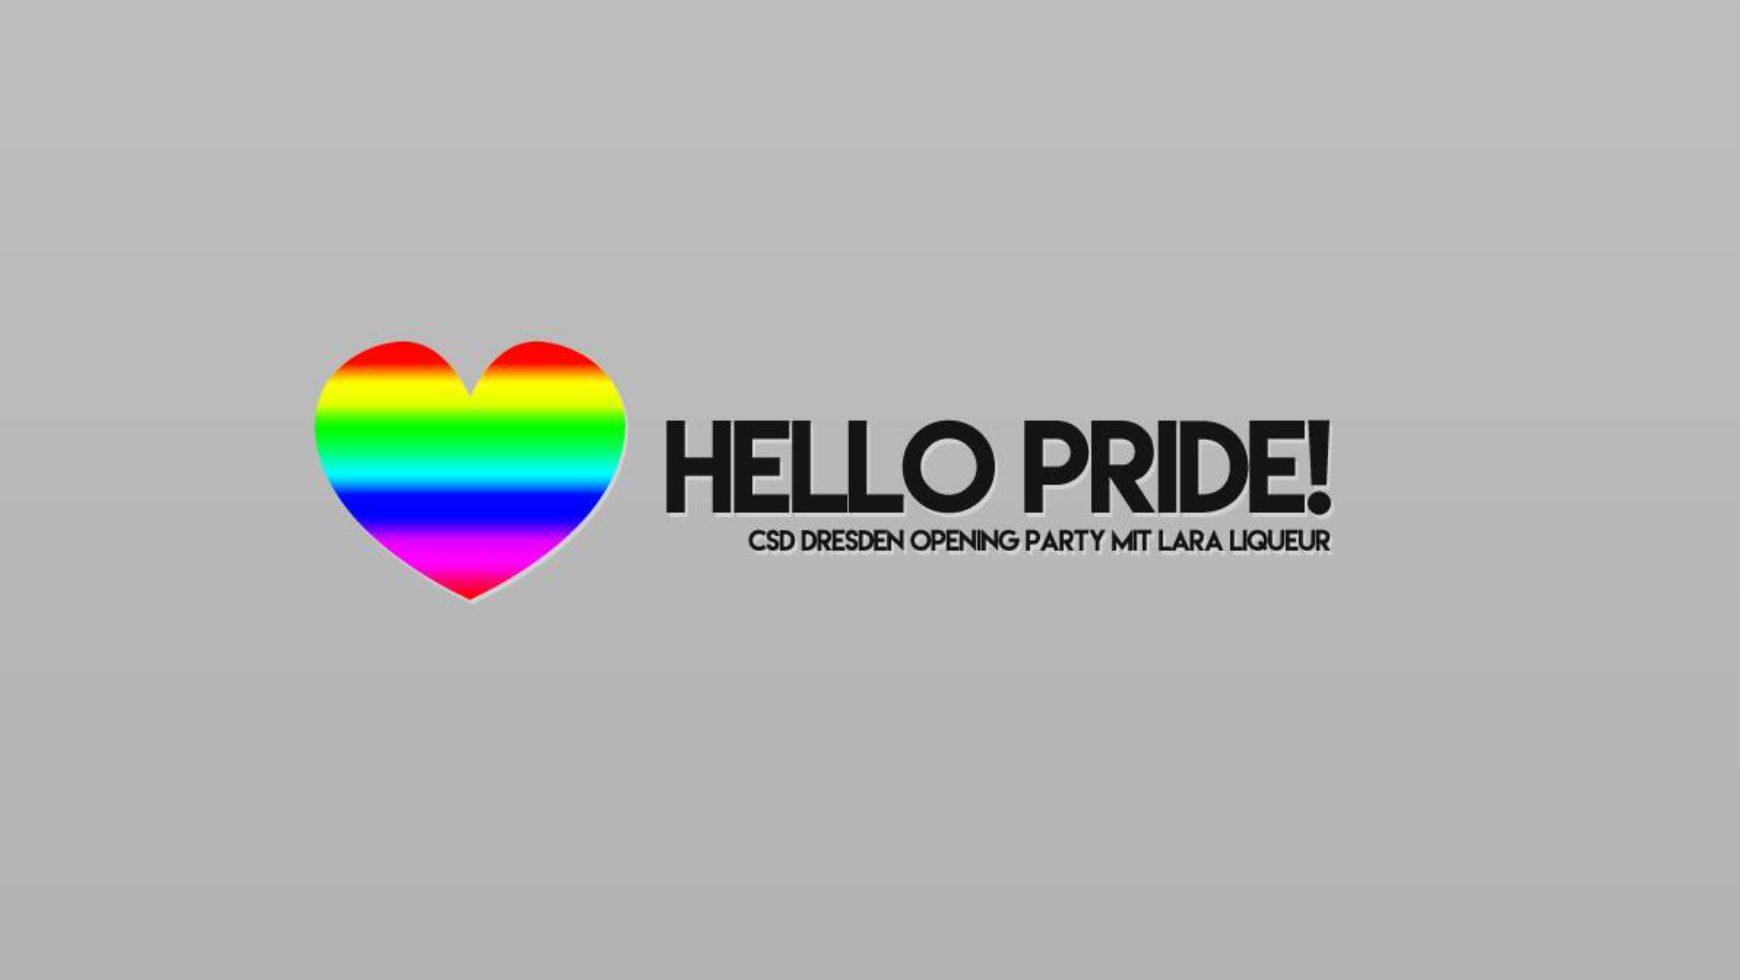 Hello Pride! – CSD Warm Up Party mit Lara Liqueur